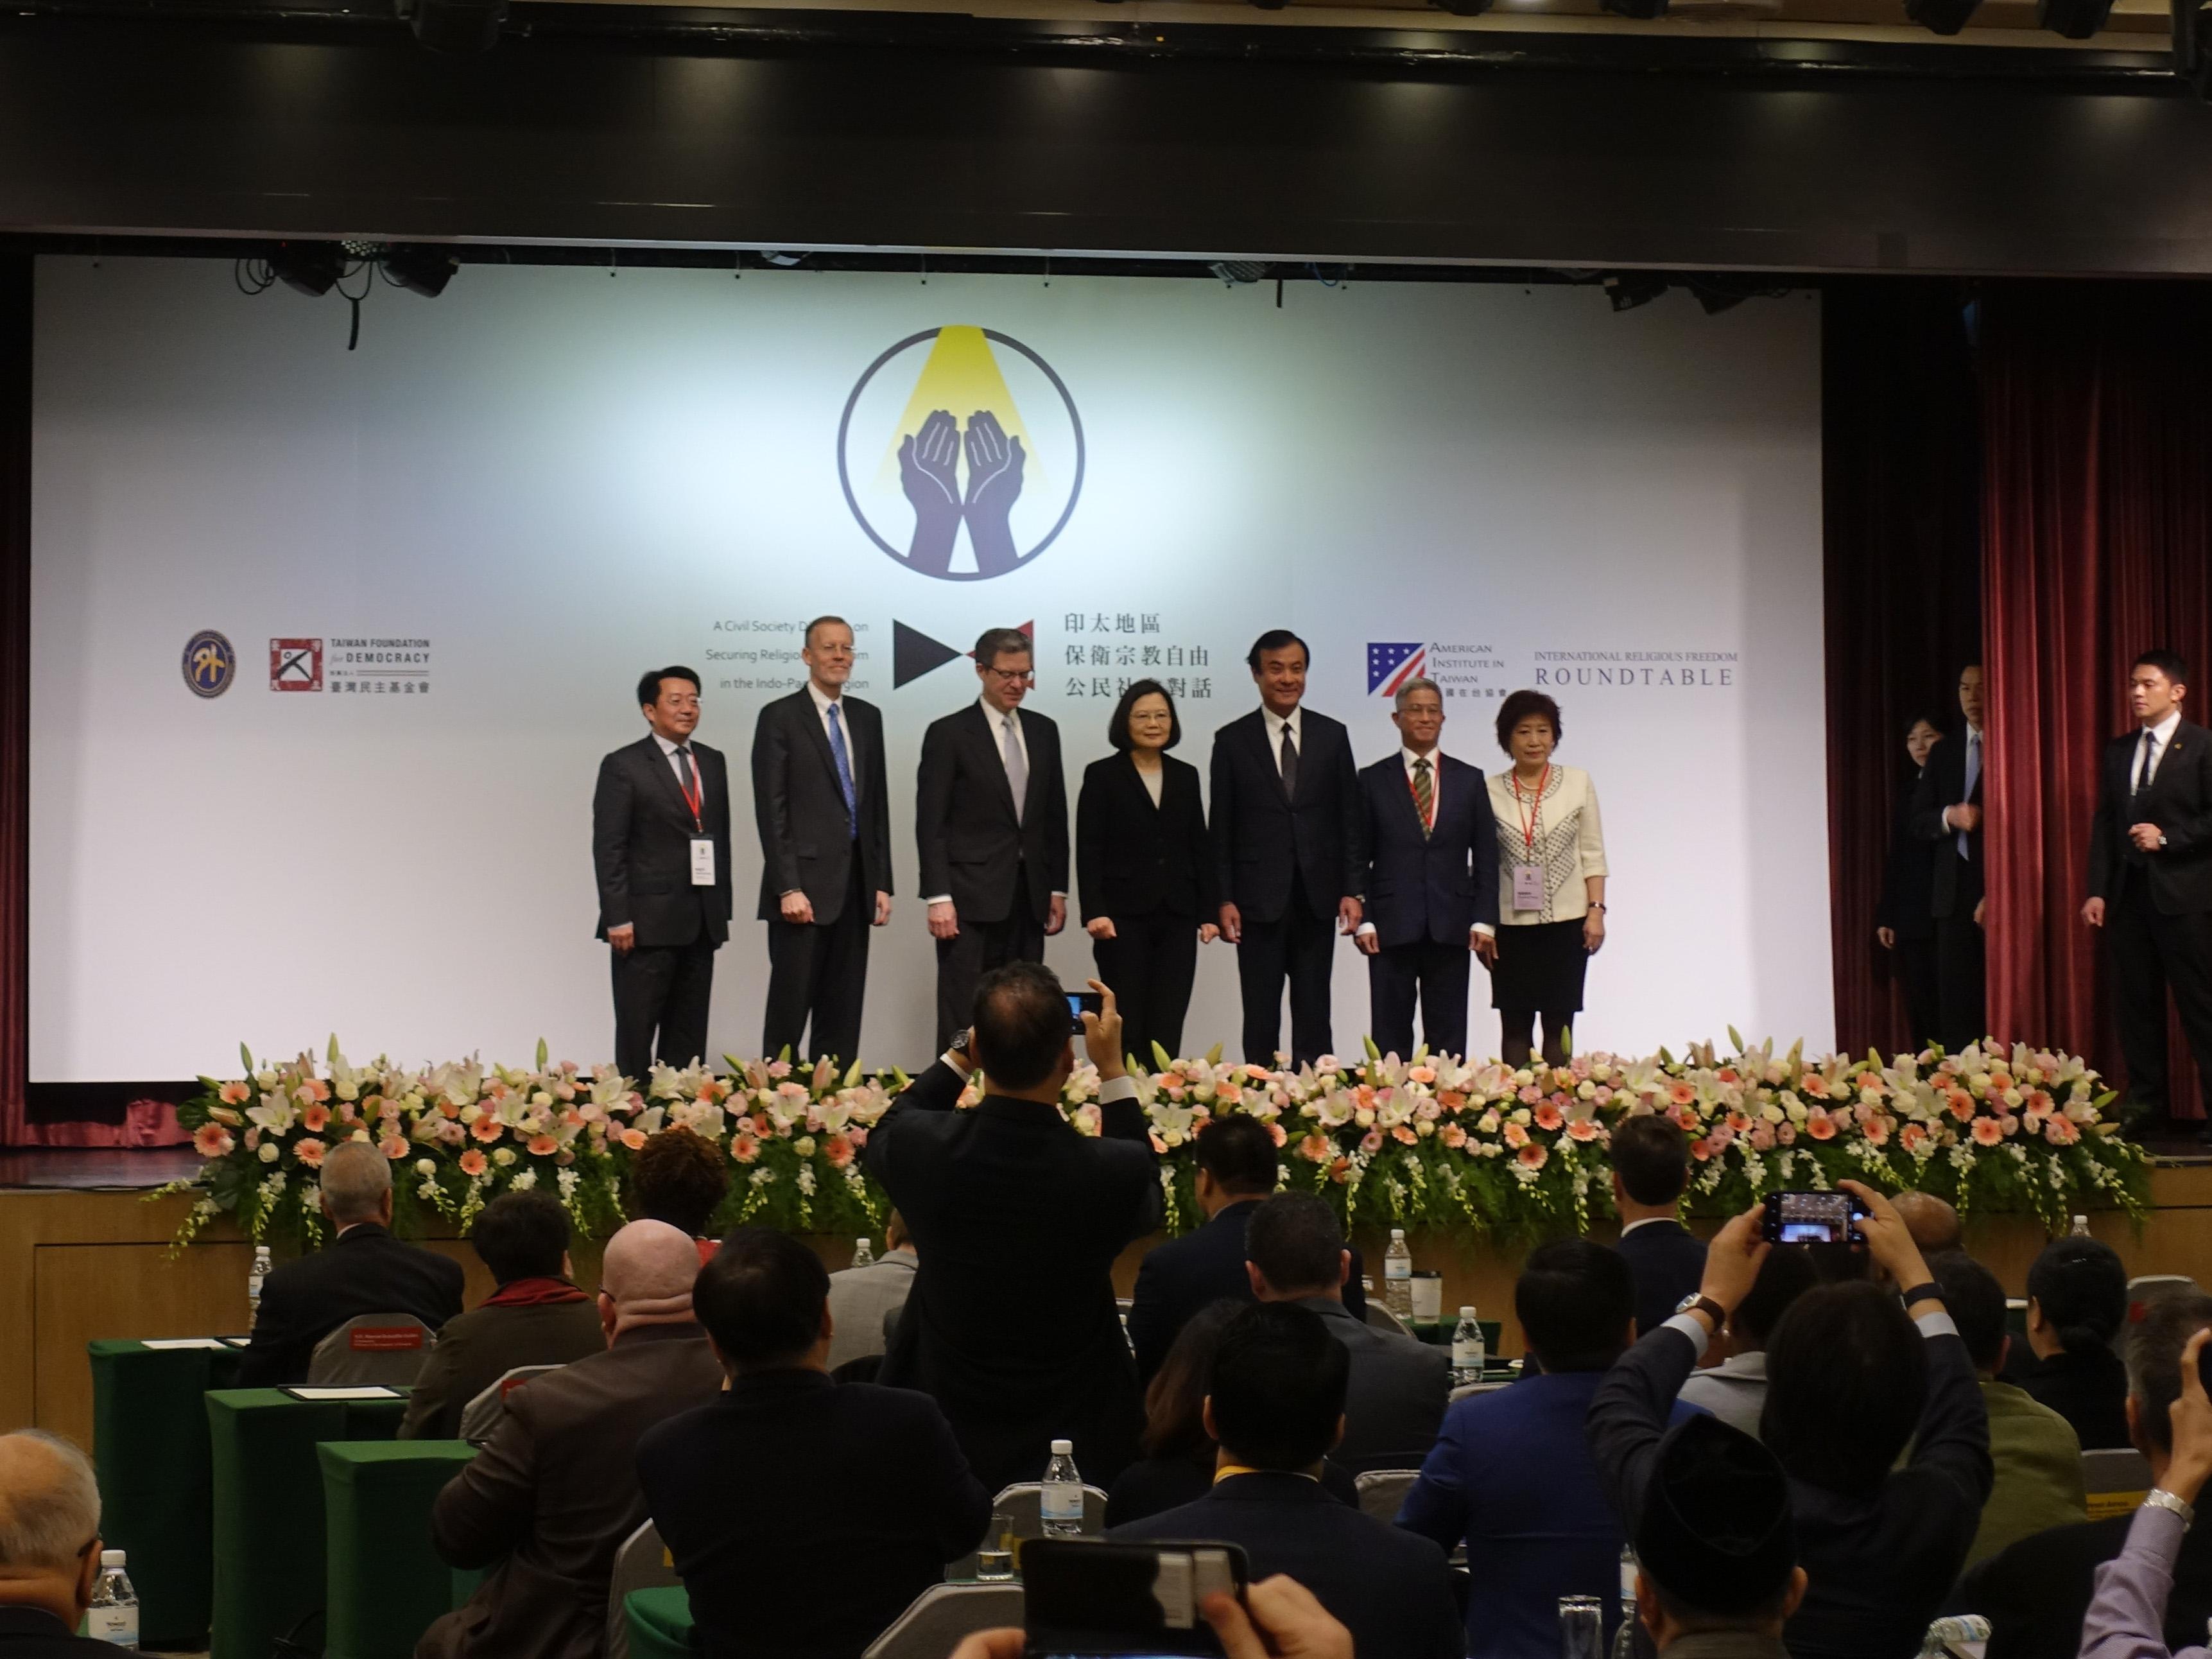 總統蔡英文(中)、立法院長蘇嘉全皆出席今日會議。(攝影:張智琦)